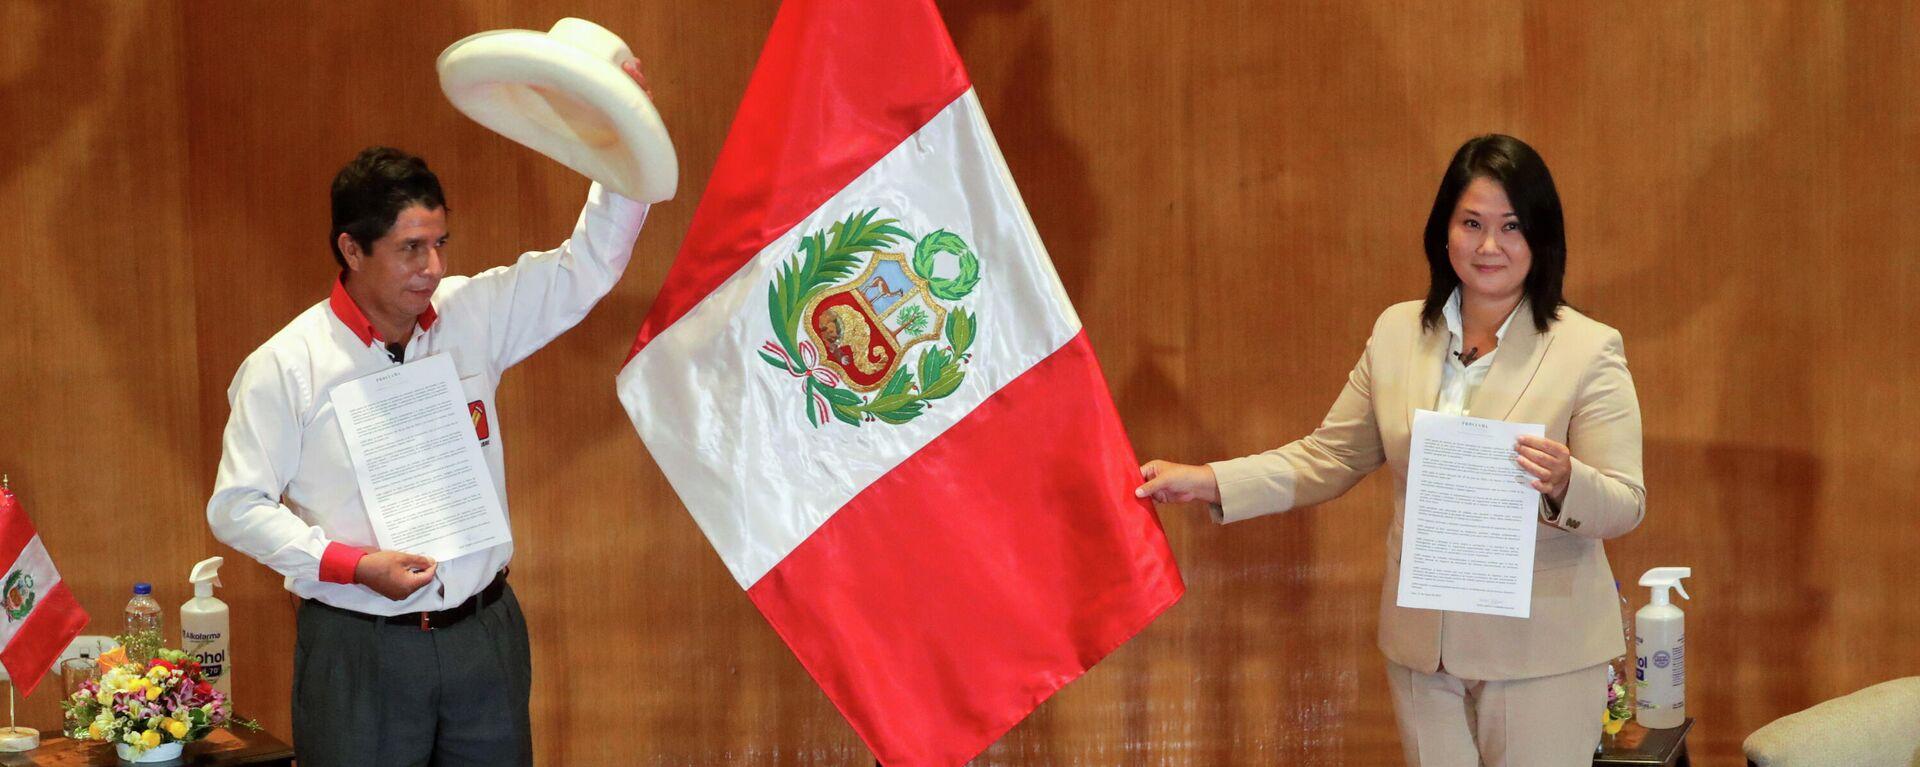 Los candidatos Pedro Castillo (Perú Libre, izquierda) y Keiko Fujimori (Fuerza Popular, derecha) - Sputnik Mundo, 1920, 24.05.2021